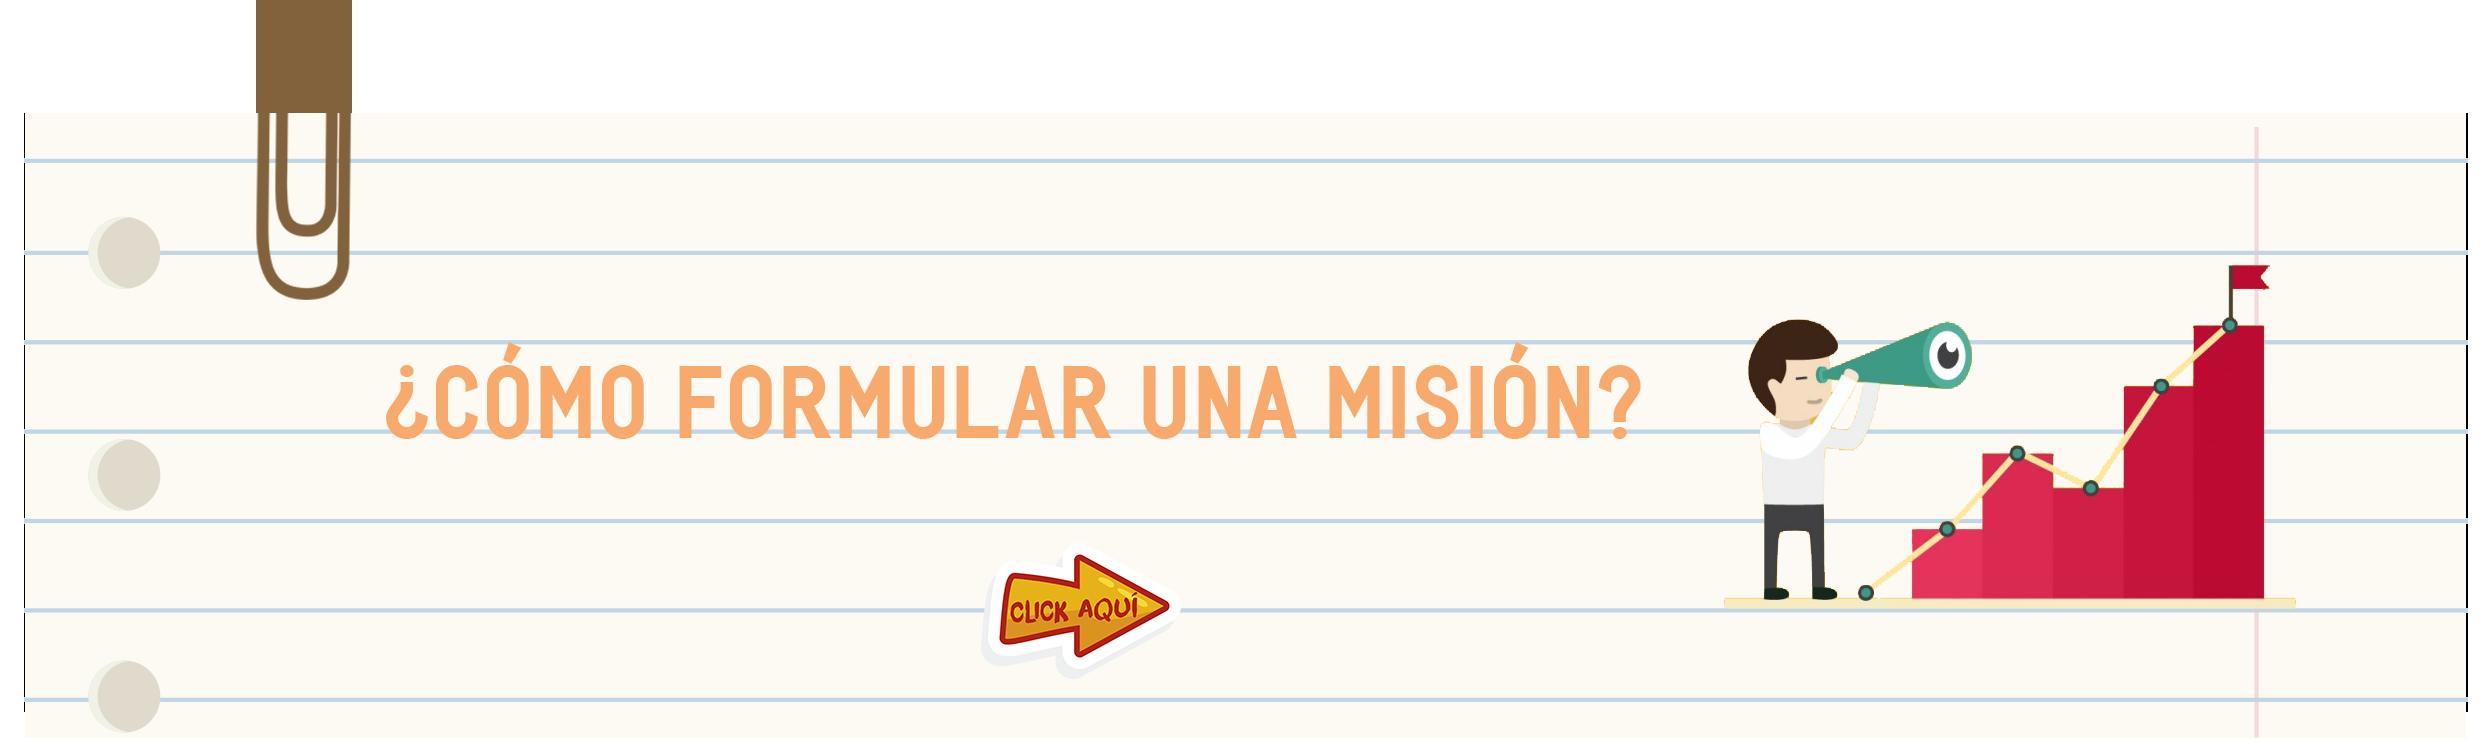 ¿Cómo formular una misión?